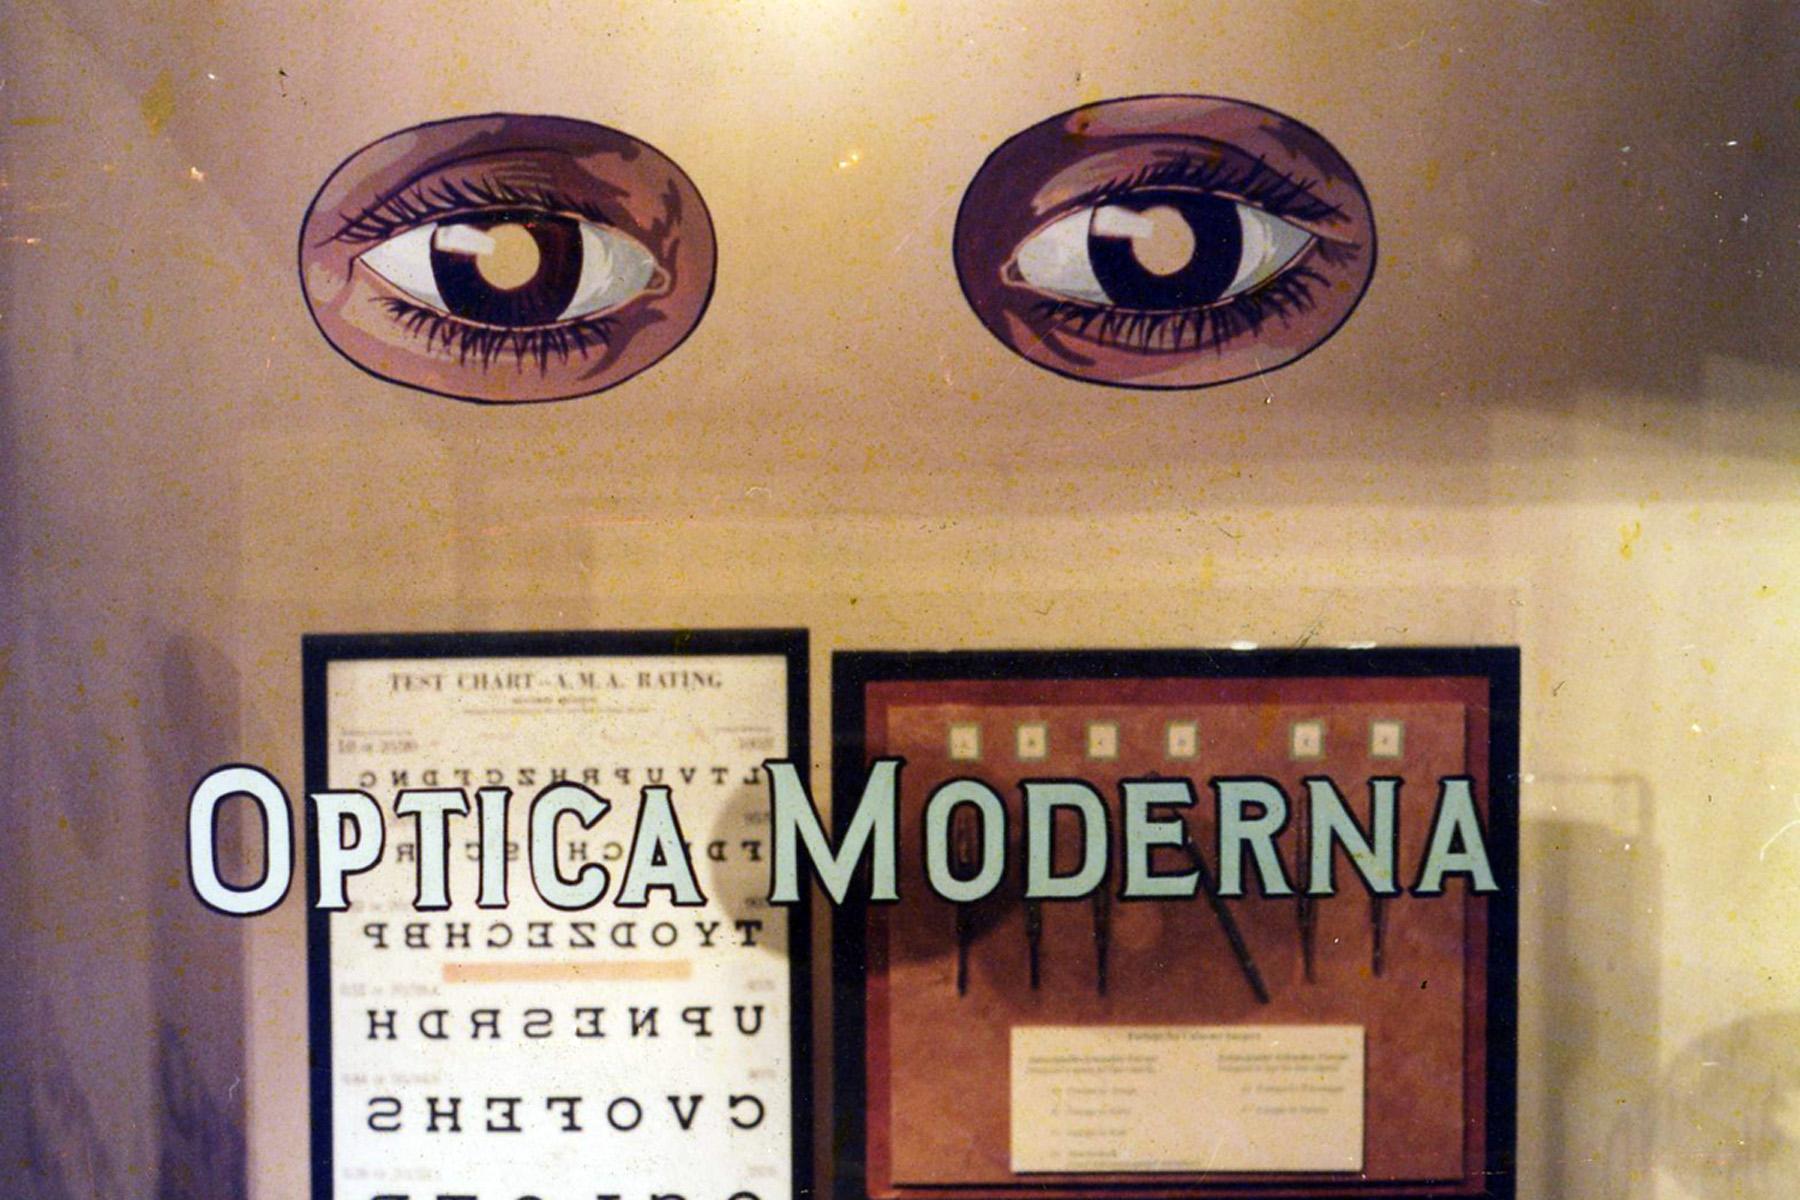 ORIG-optic-moderna_5958657607_o.jpg